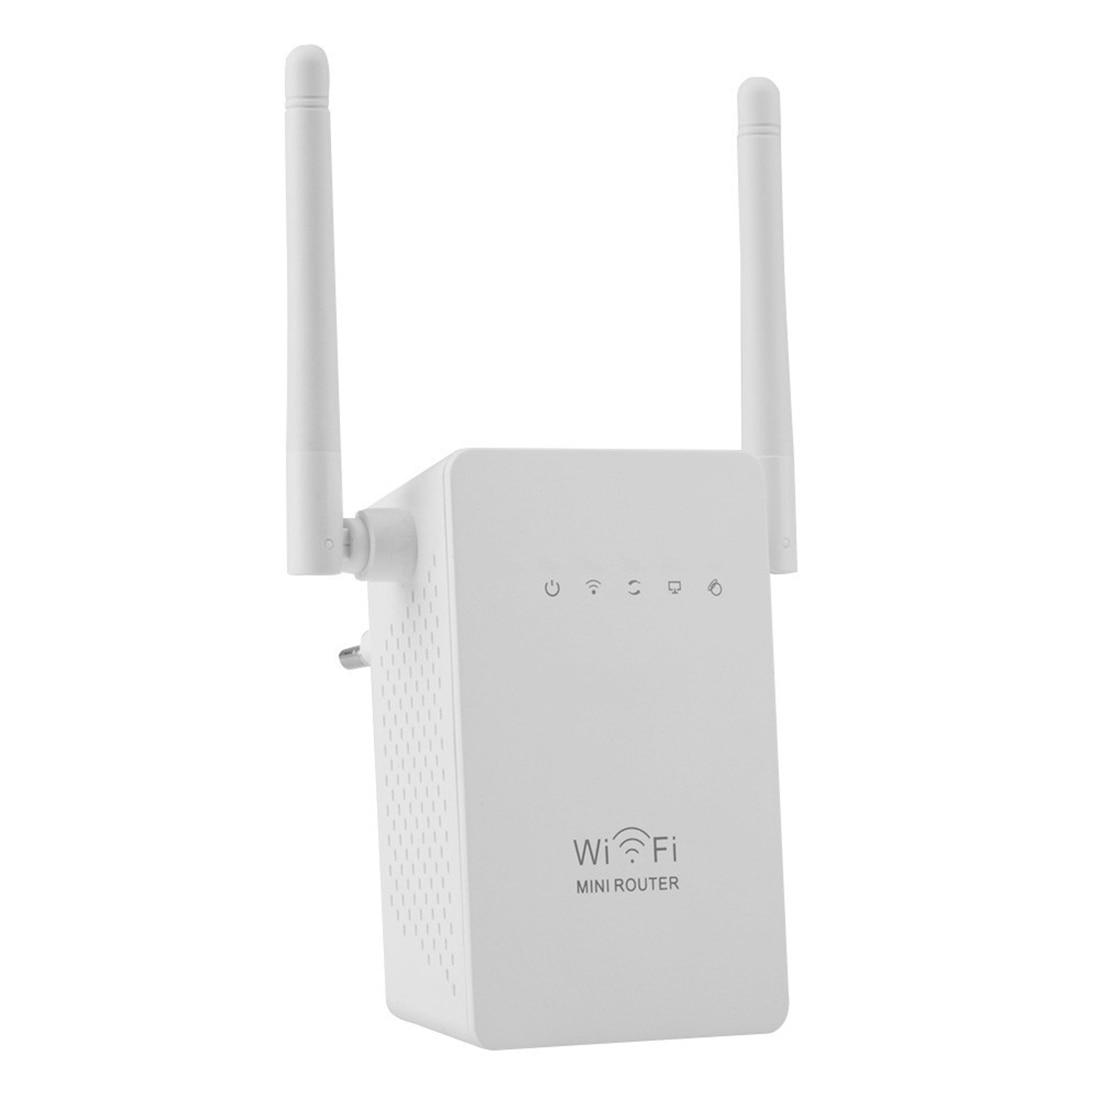 NOYOKERE New 300Mbps WiFi Repeater Netzwerk Range Extender Booster N300 Single Erhöhen Sie Dual External Antennas EU US Plug